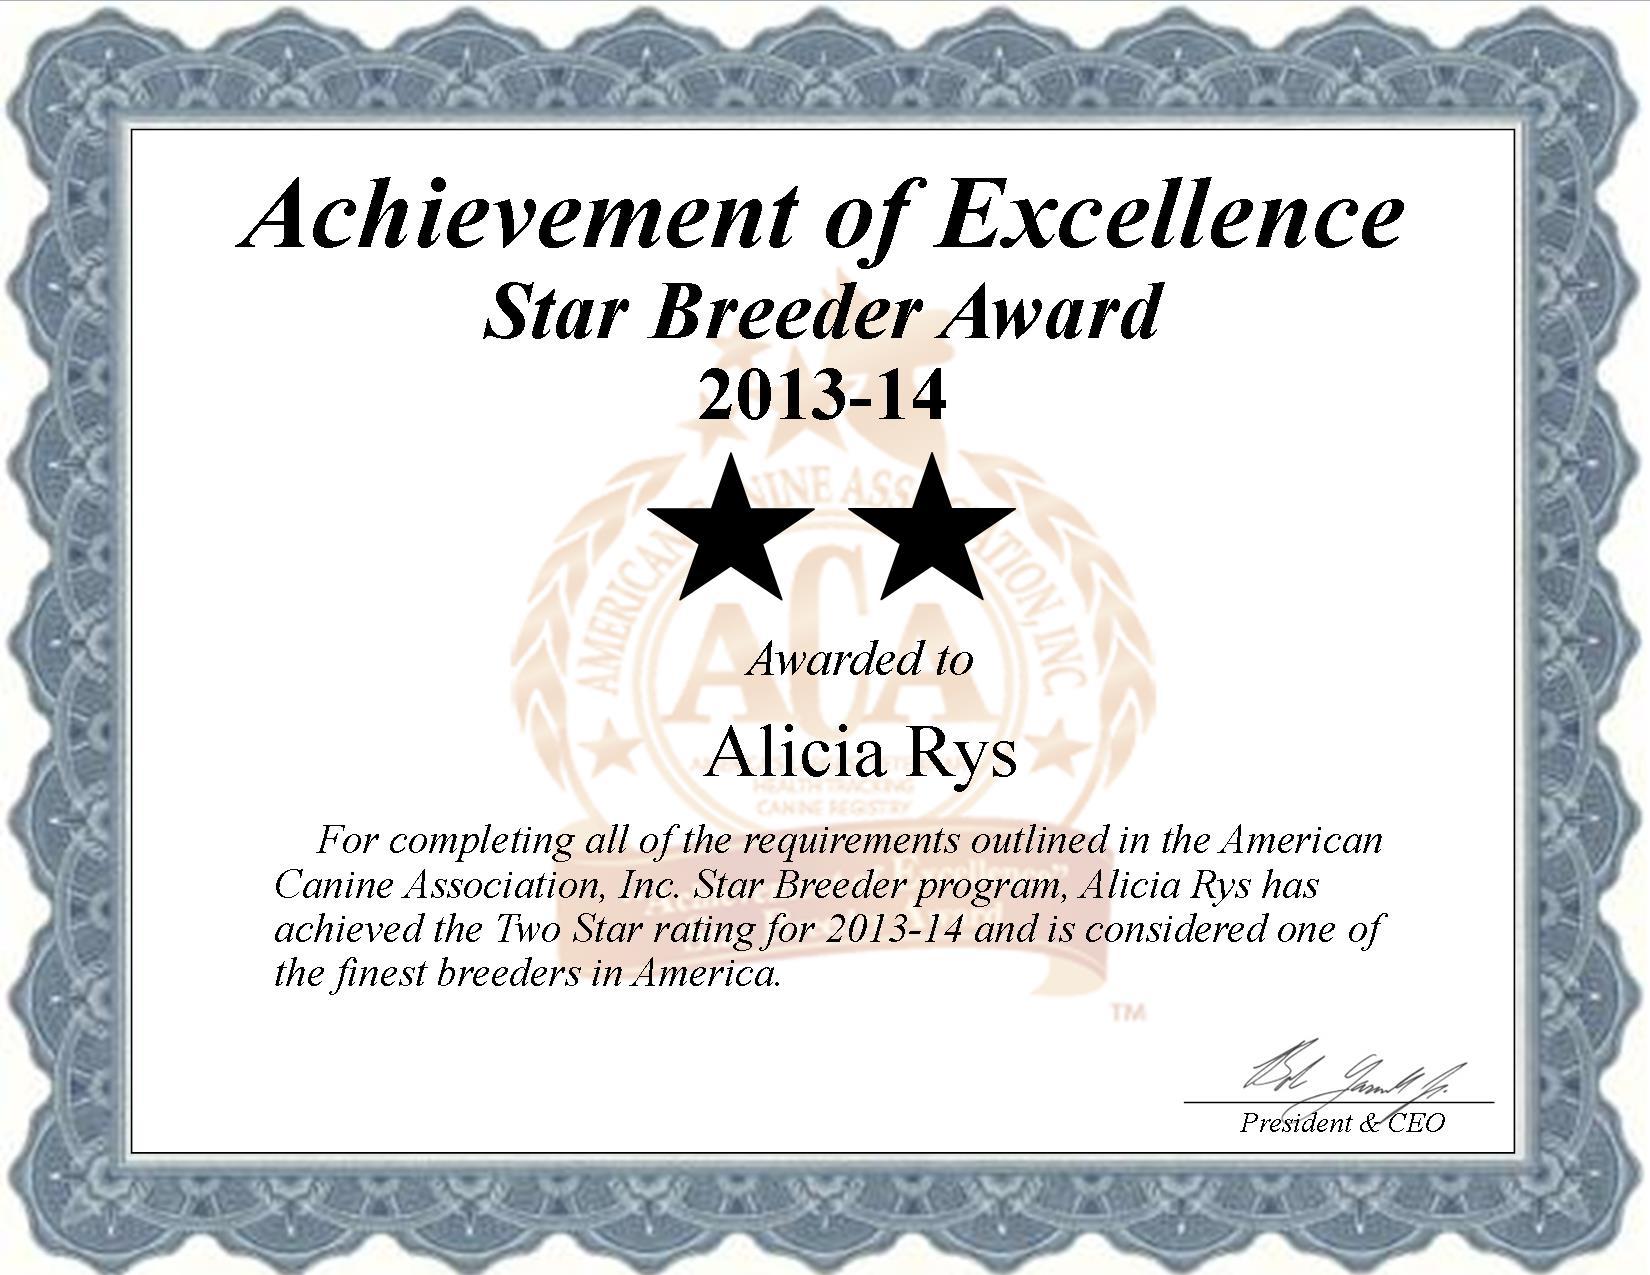 Alicia Rys, Rys High's Kennel, breeder, star breeder, aca, star breeder, 2 star, Pattonsburg, Missouri, Mo, dog, puppy, puppies, dog breeder, dog breeders, Missouri breeder, Alicia Rys dog breeder